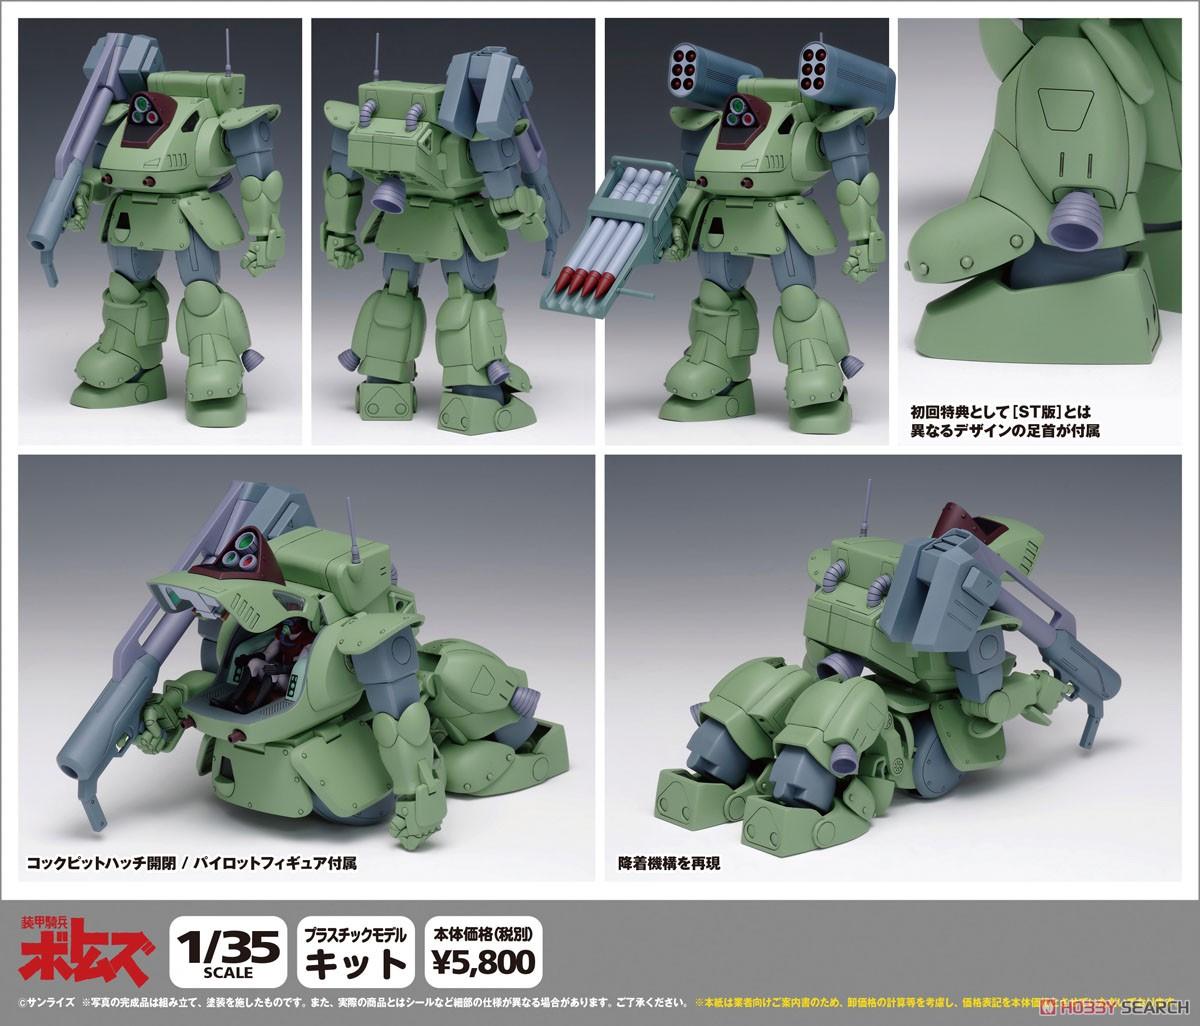 装甲騎兵ボトムズ『スタンディングトータス MK.II[PS版]』1/35 プラモデル-016